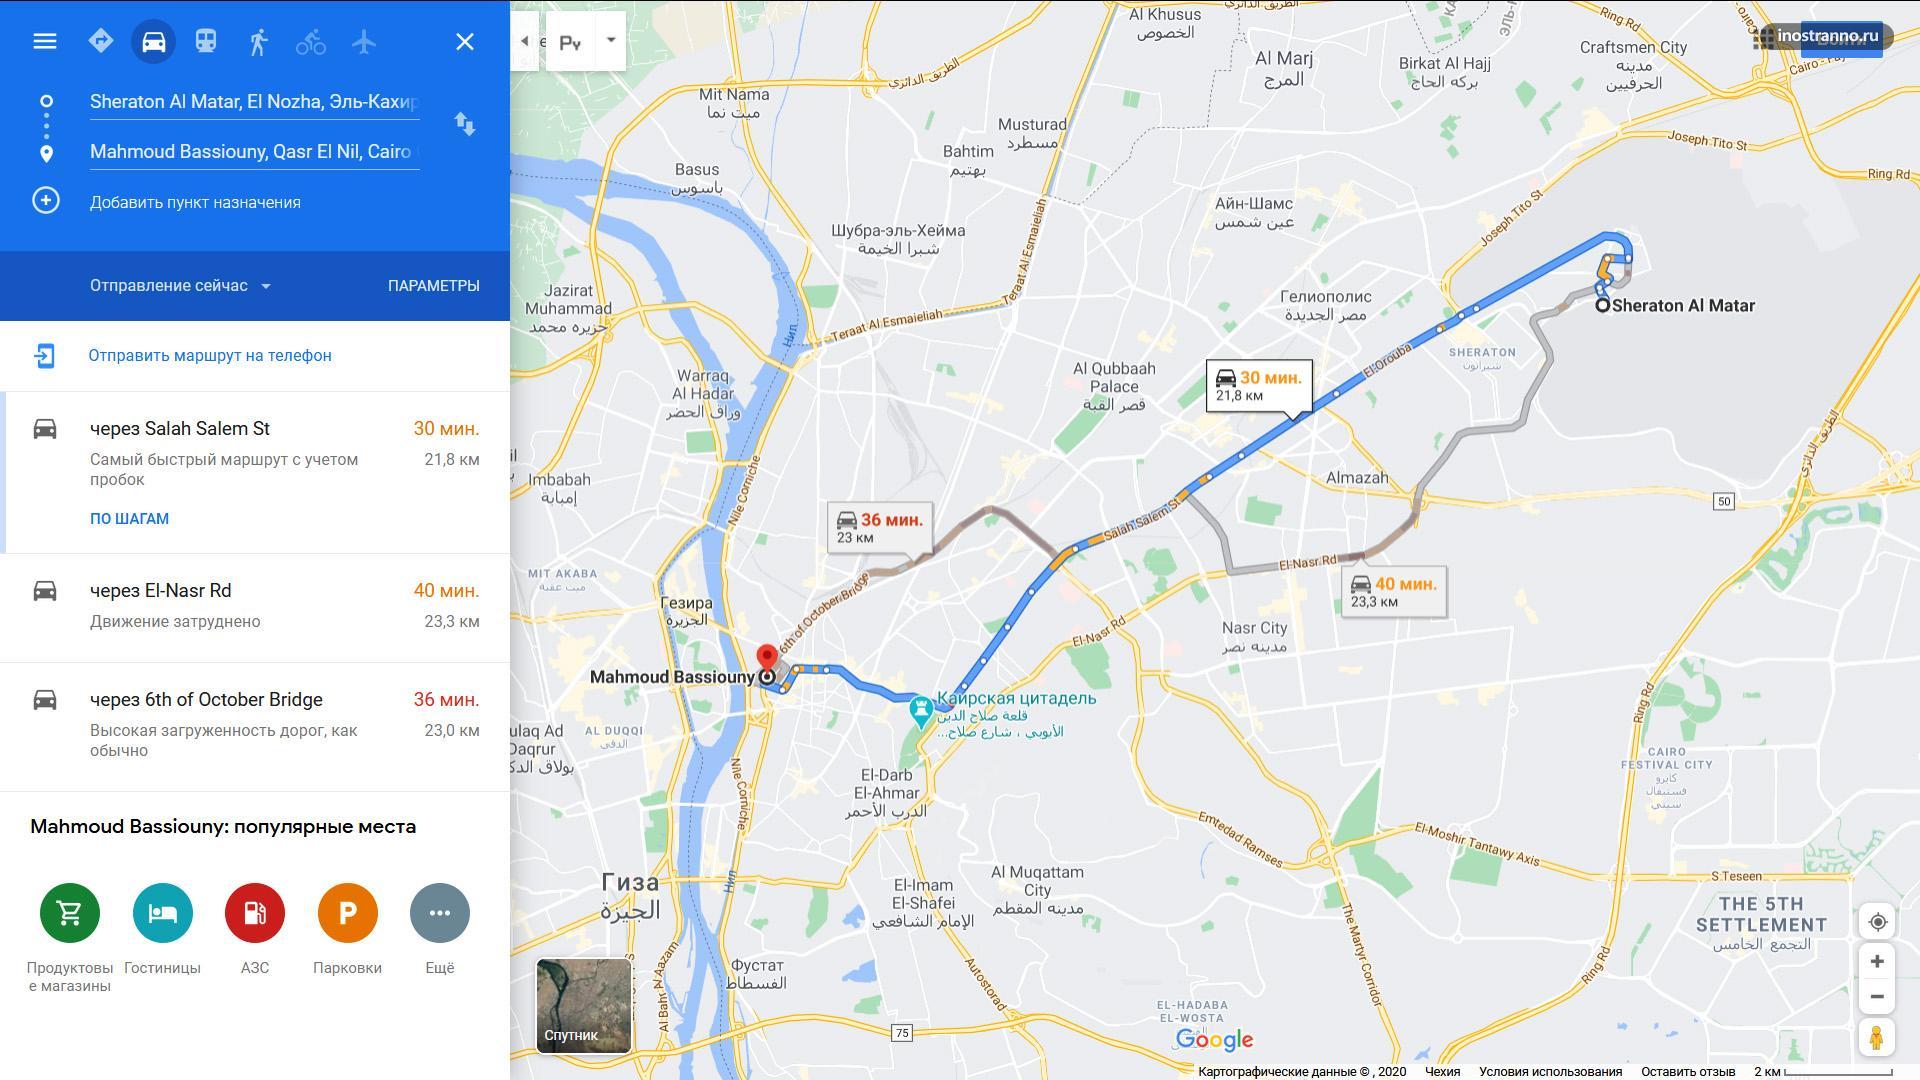 Аэропорт Каира на карте и расстояние до города